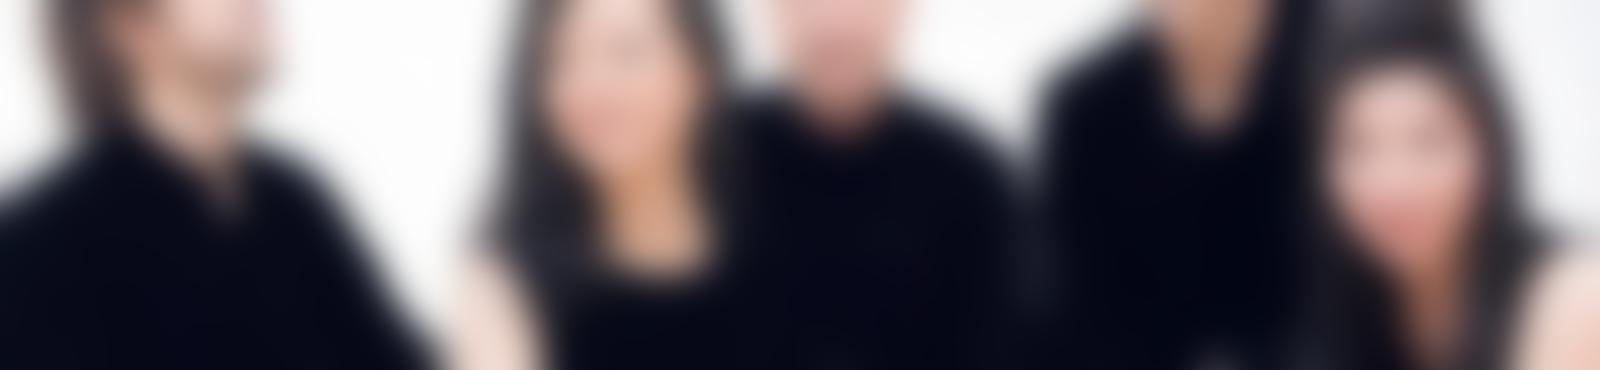 Blurred 9d865ae1 ca87 49dc 91c4 93e95b4f6331